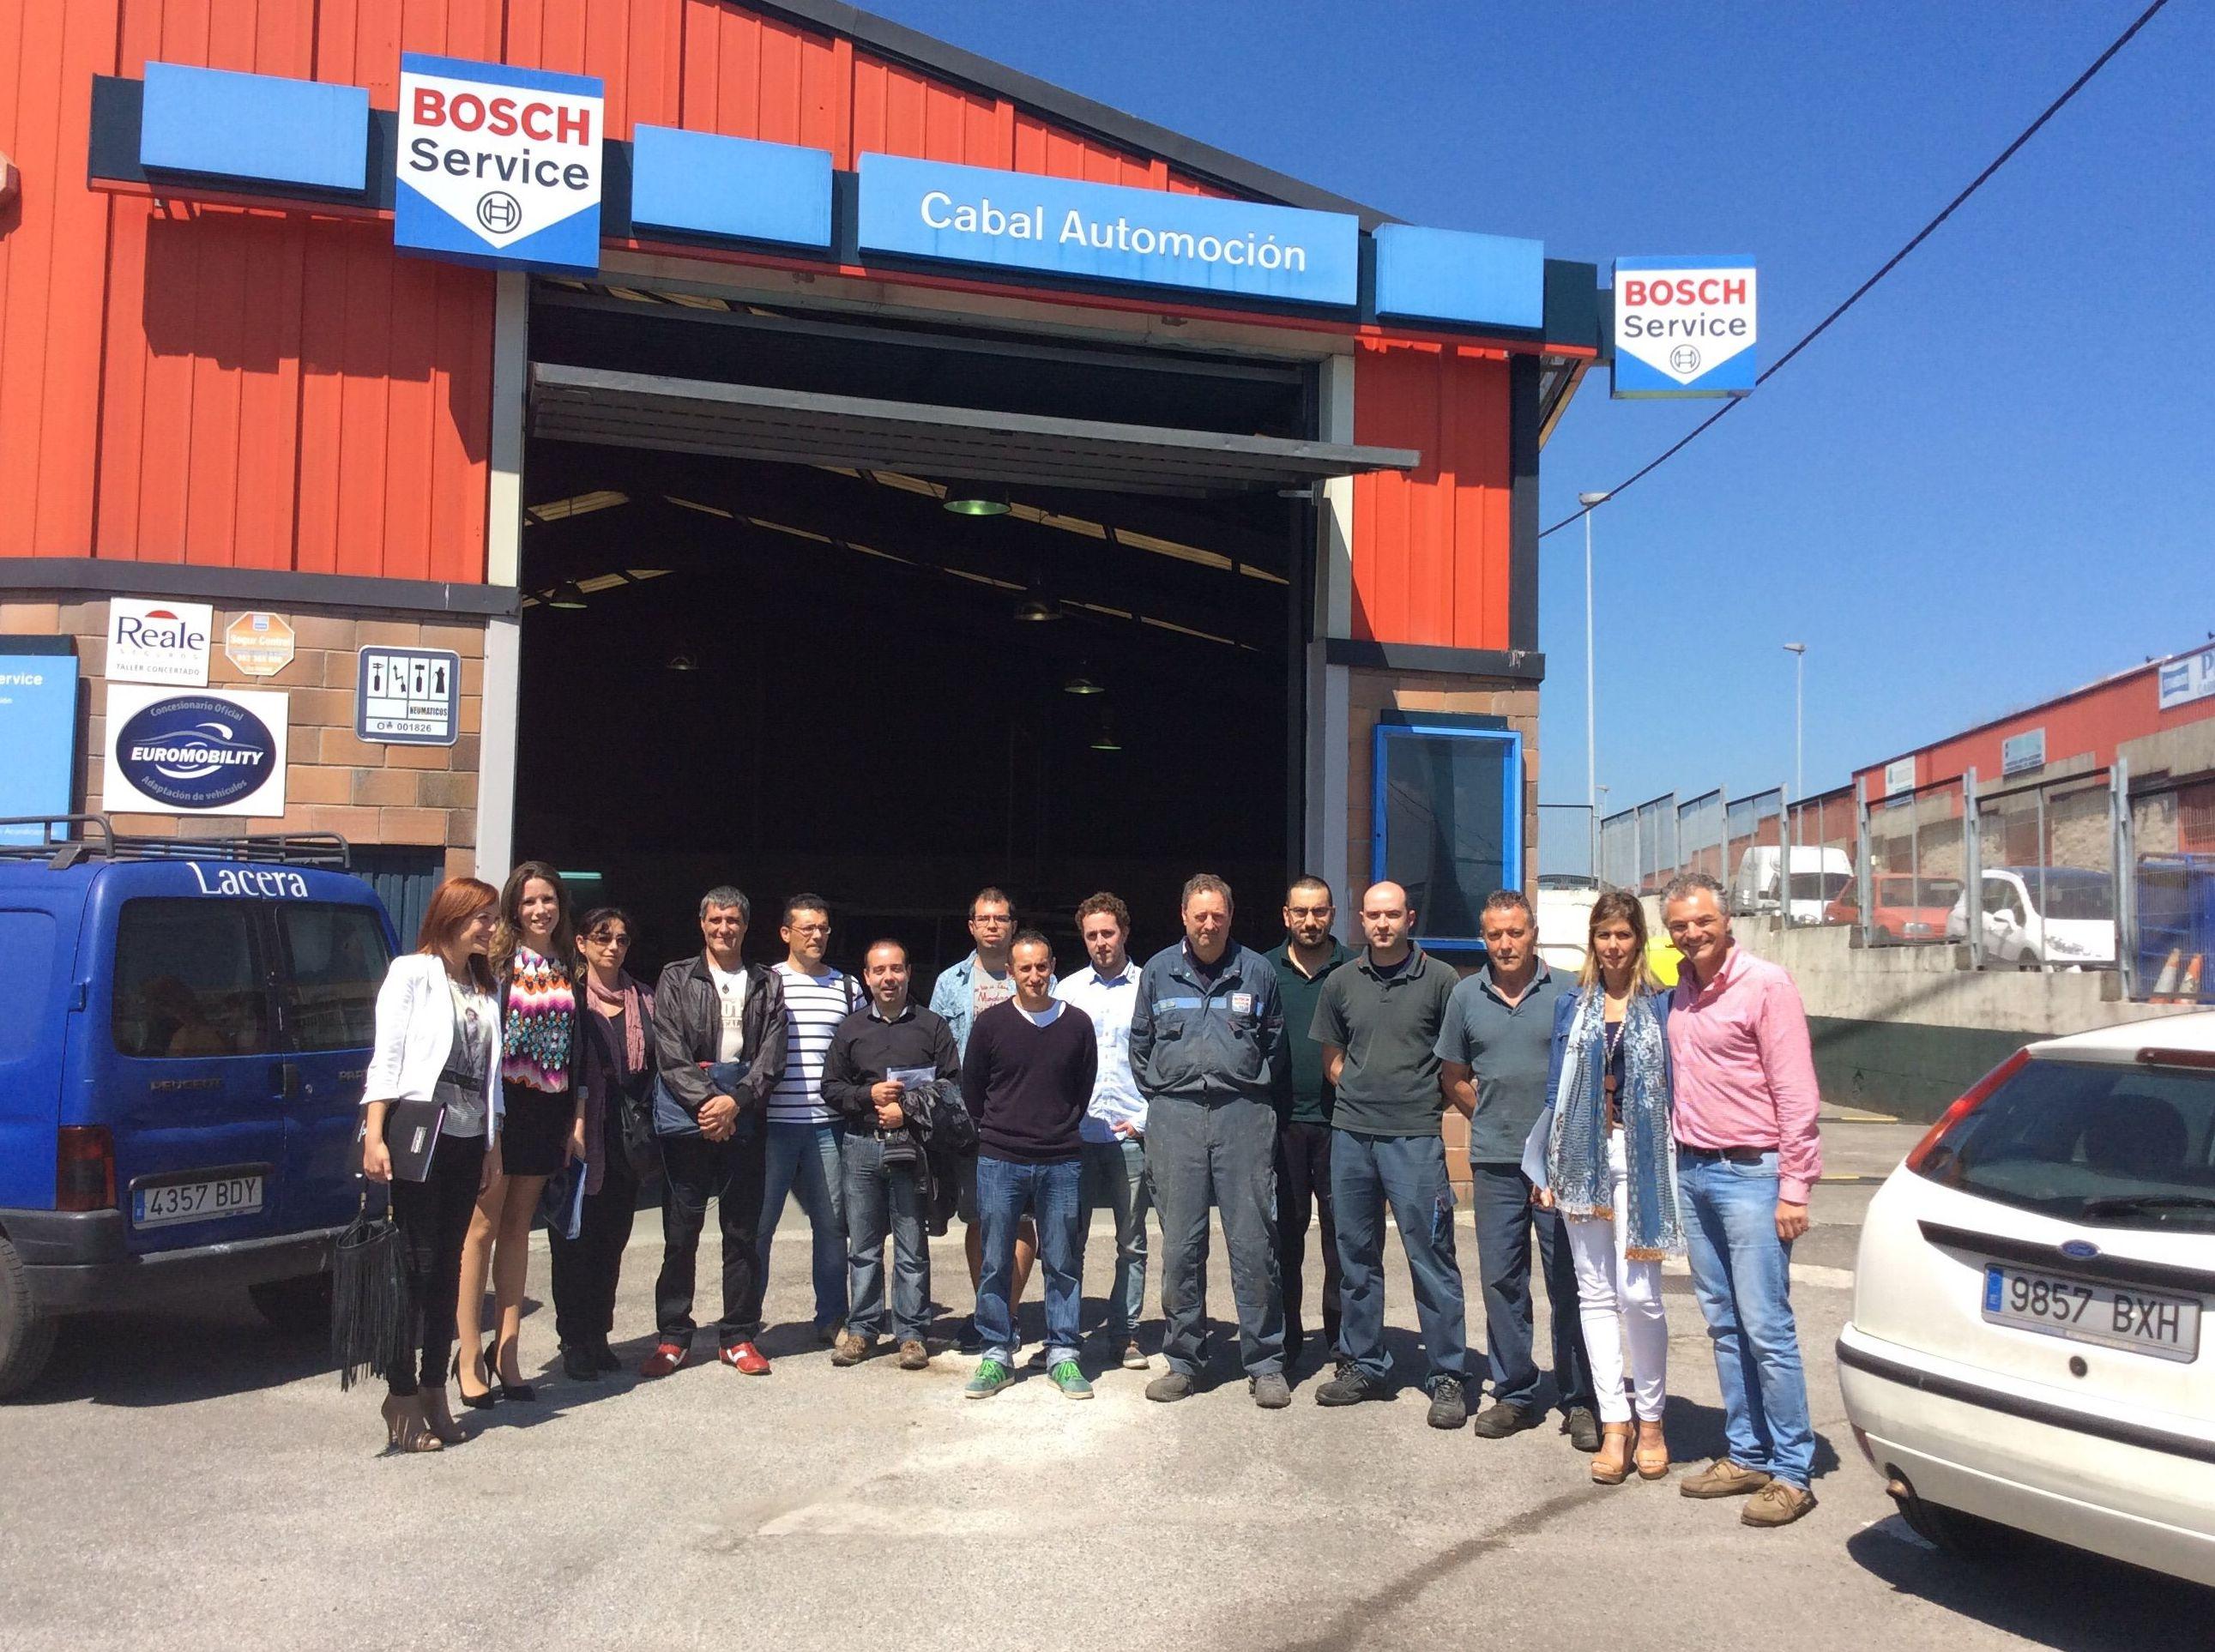 Con Cocemfe en Cabal Automoción Bosch Car Service